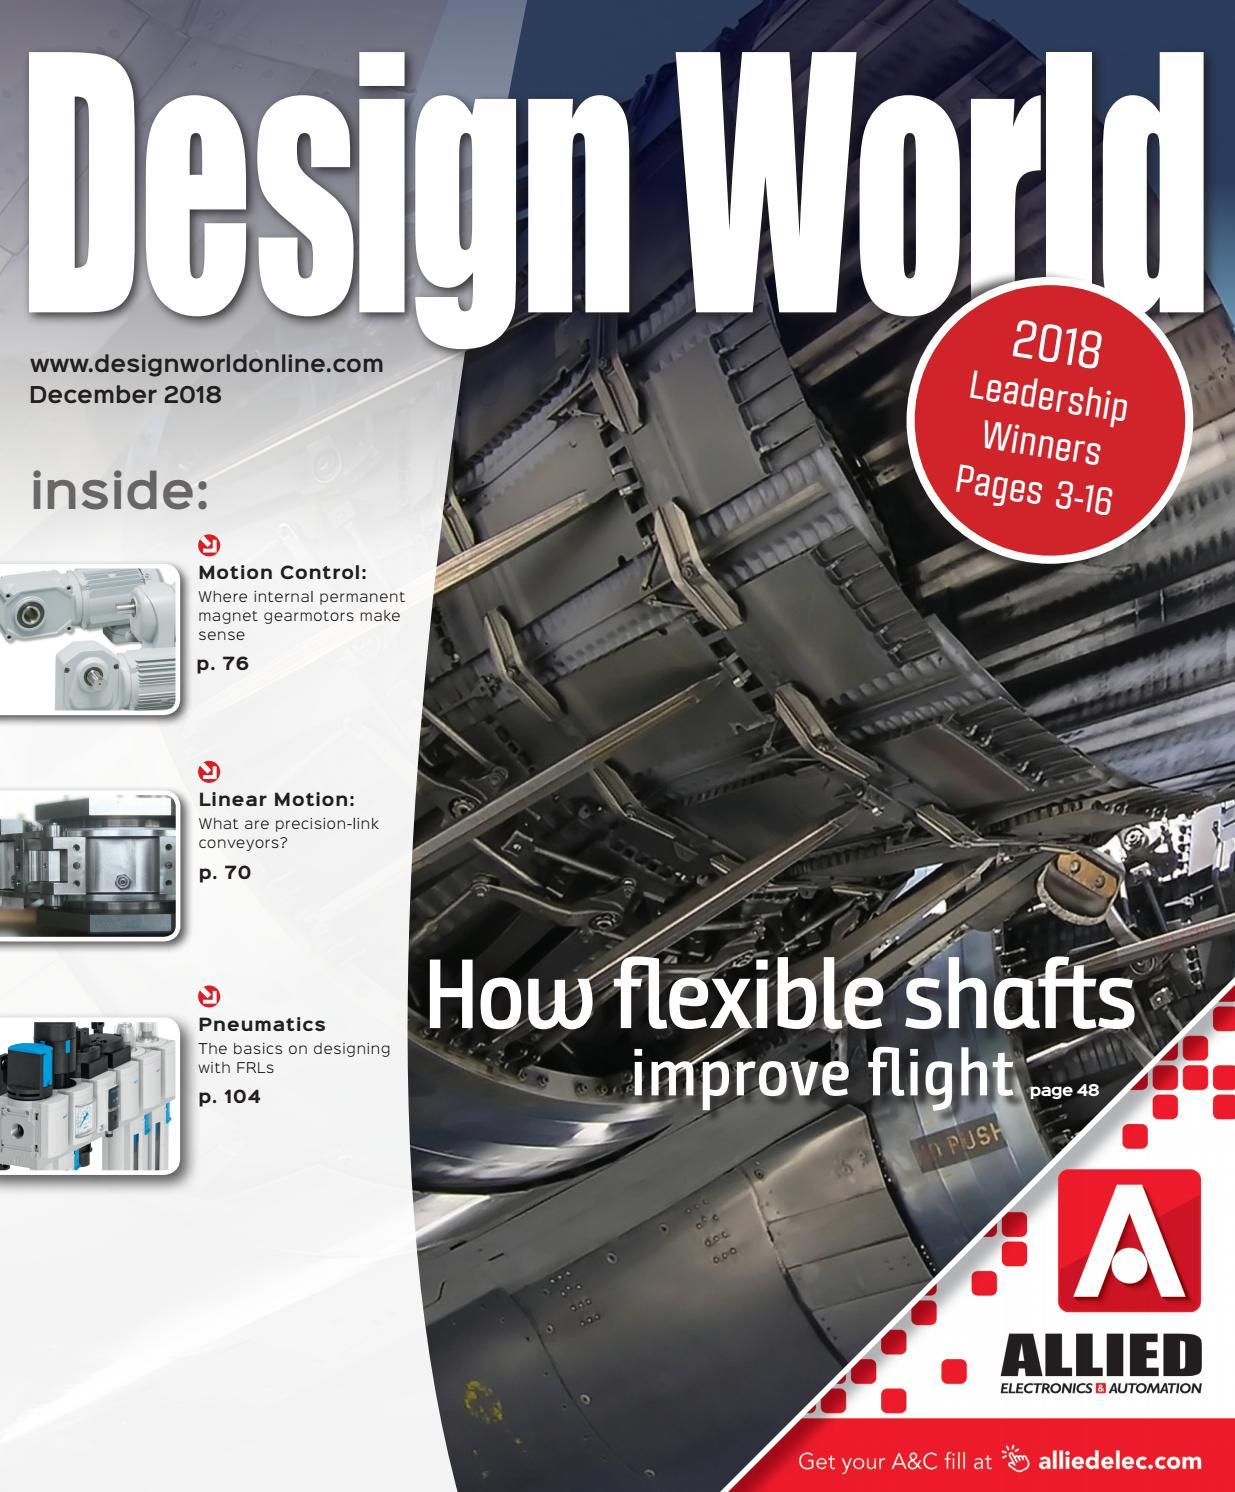 DESIGN WORLD DECEMBER 2018 by WTWH Media LLC - issuu